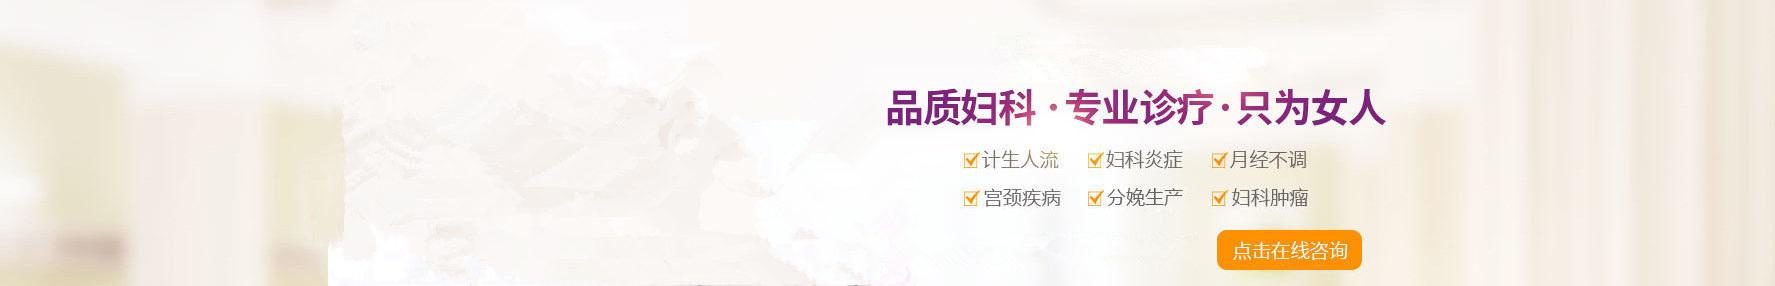 西安现代妇产在线视频偷国产精品